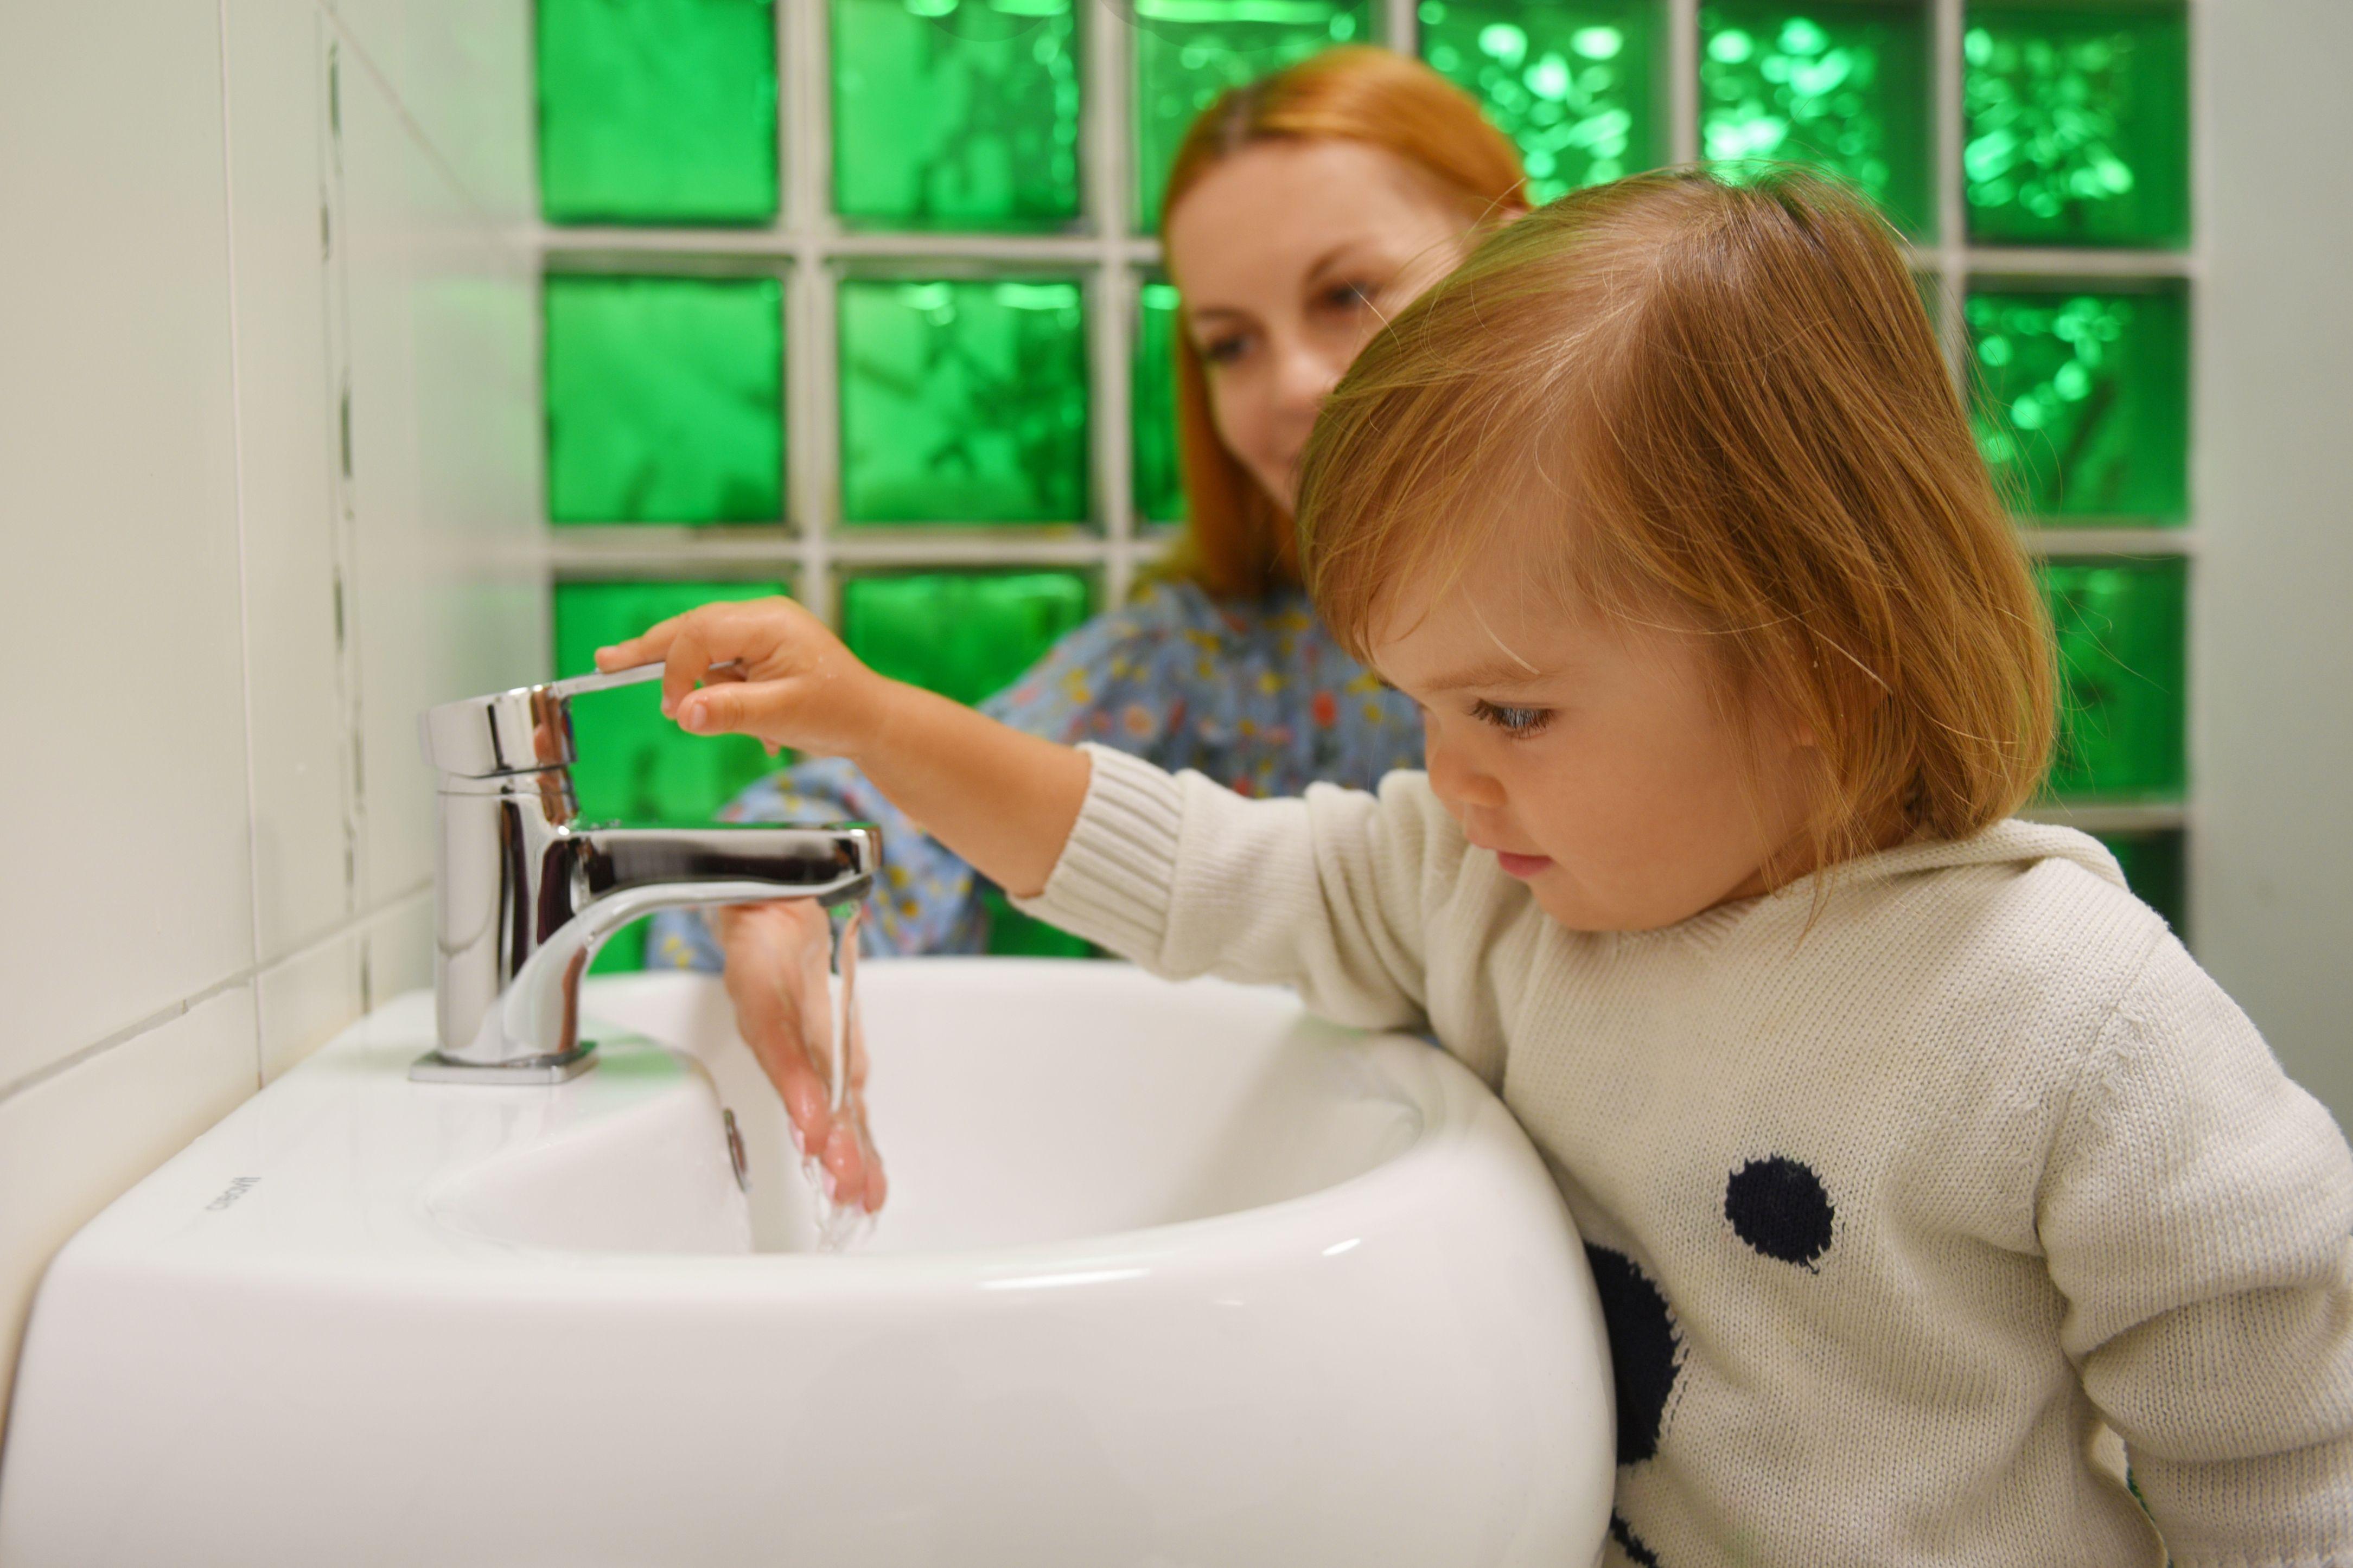 С 1 июля в Москве начнутся традиционные отключения горячей воды